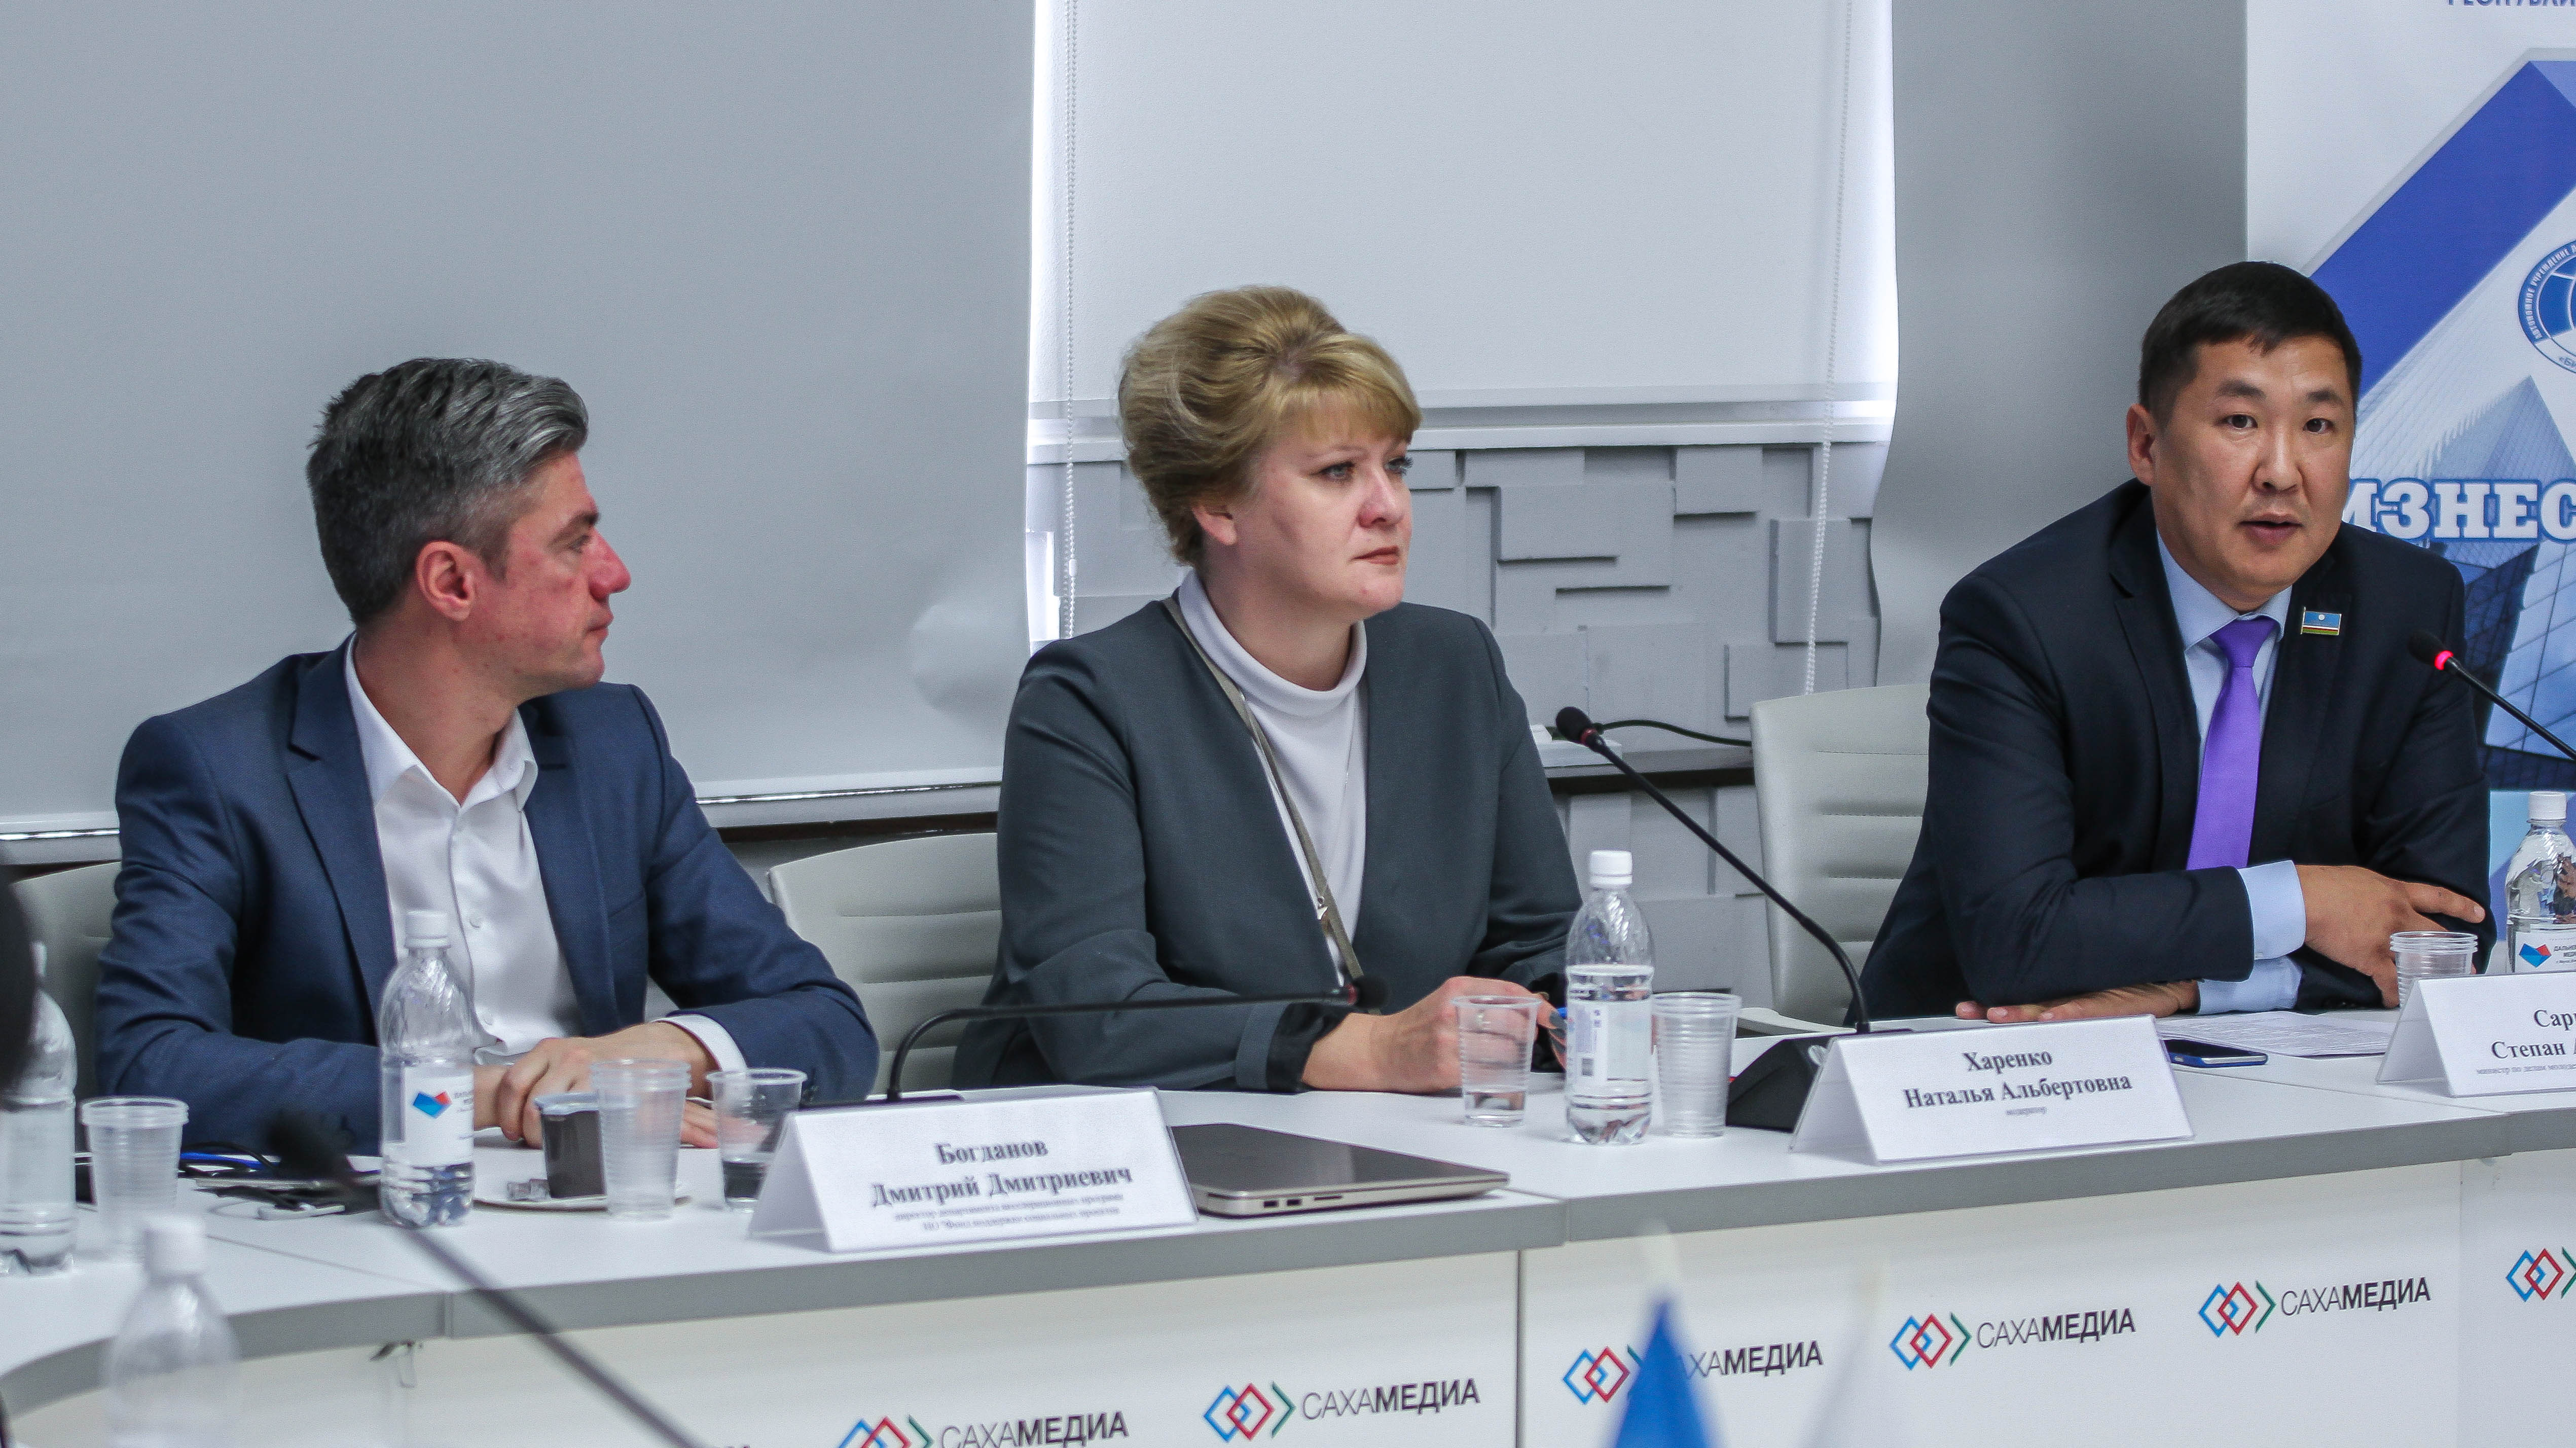 Степан Саргыдаев: В Якутии ежегодно выделяются гранты для начинающих предпринимателей